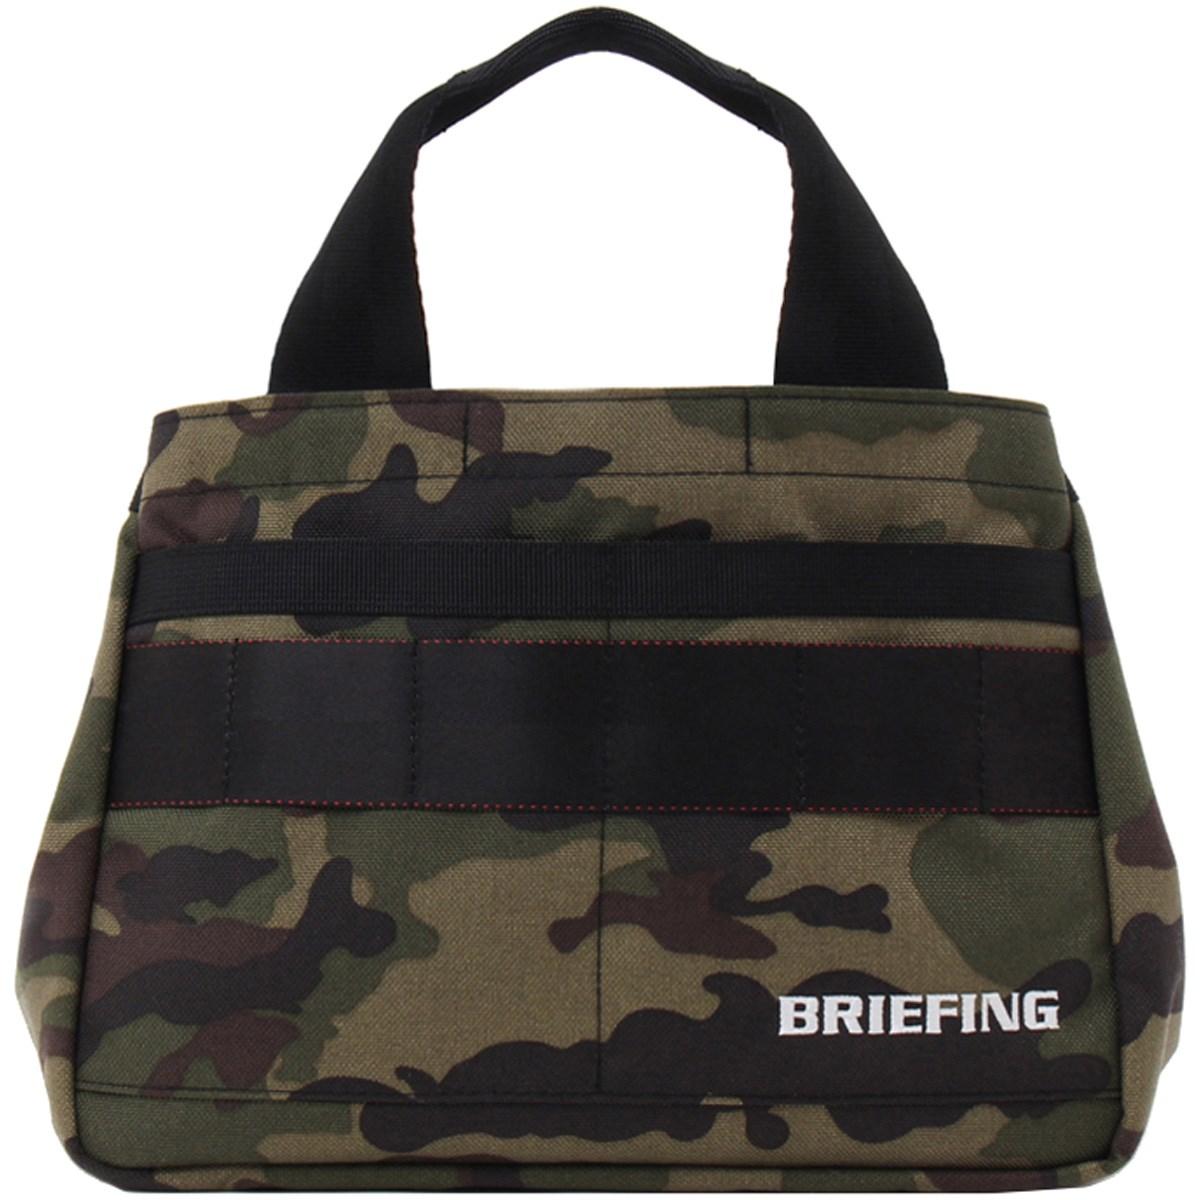 ブリーフィング BRIEFING ミニトートバッグ グリーンカモ